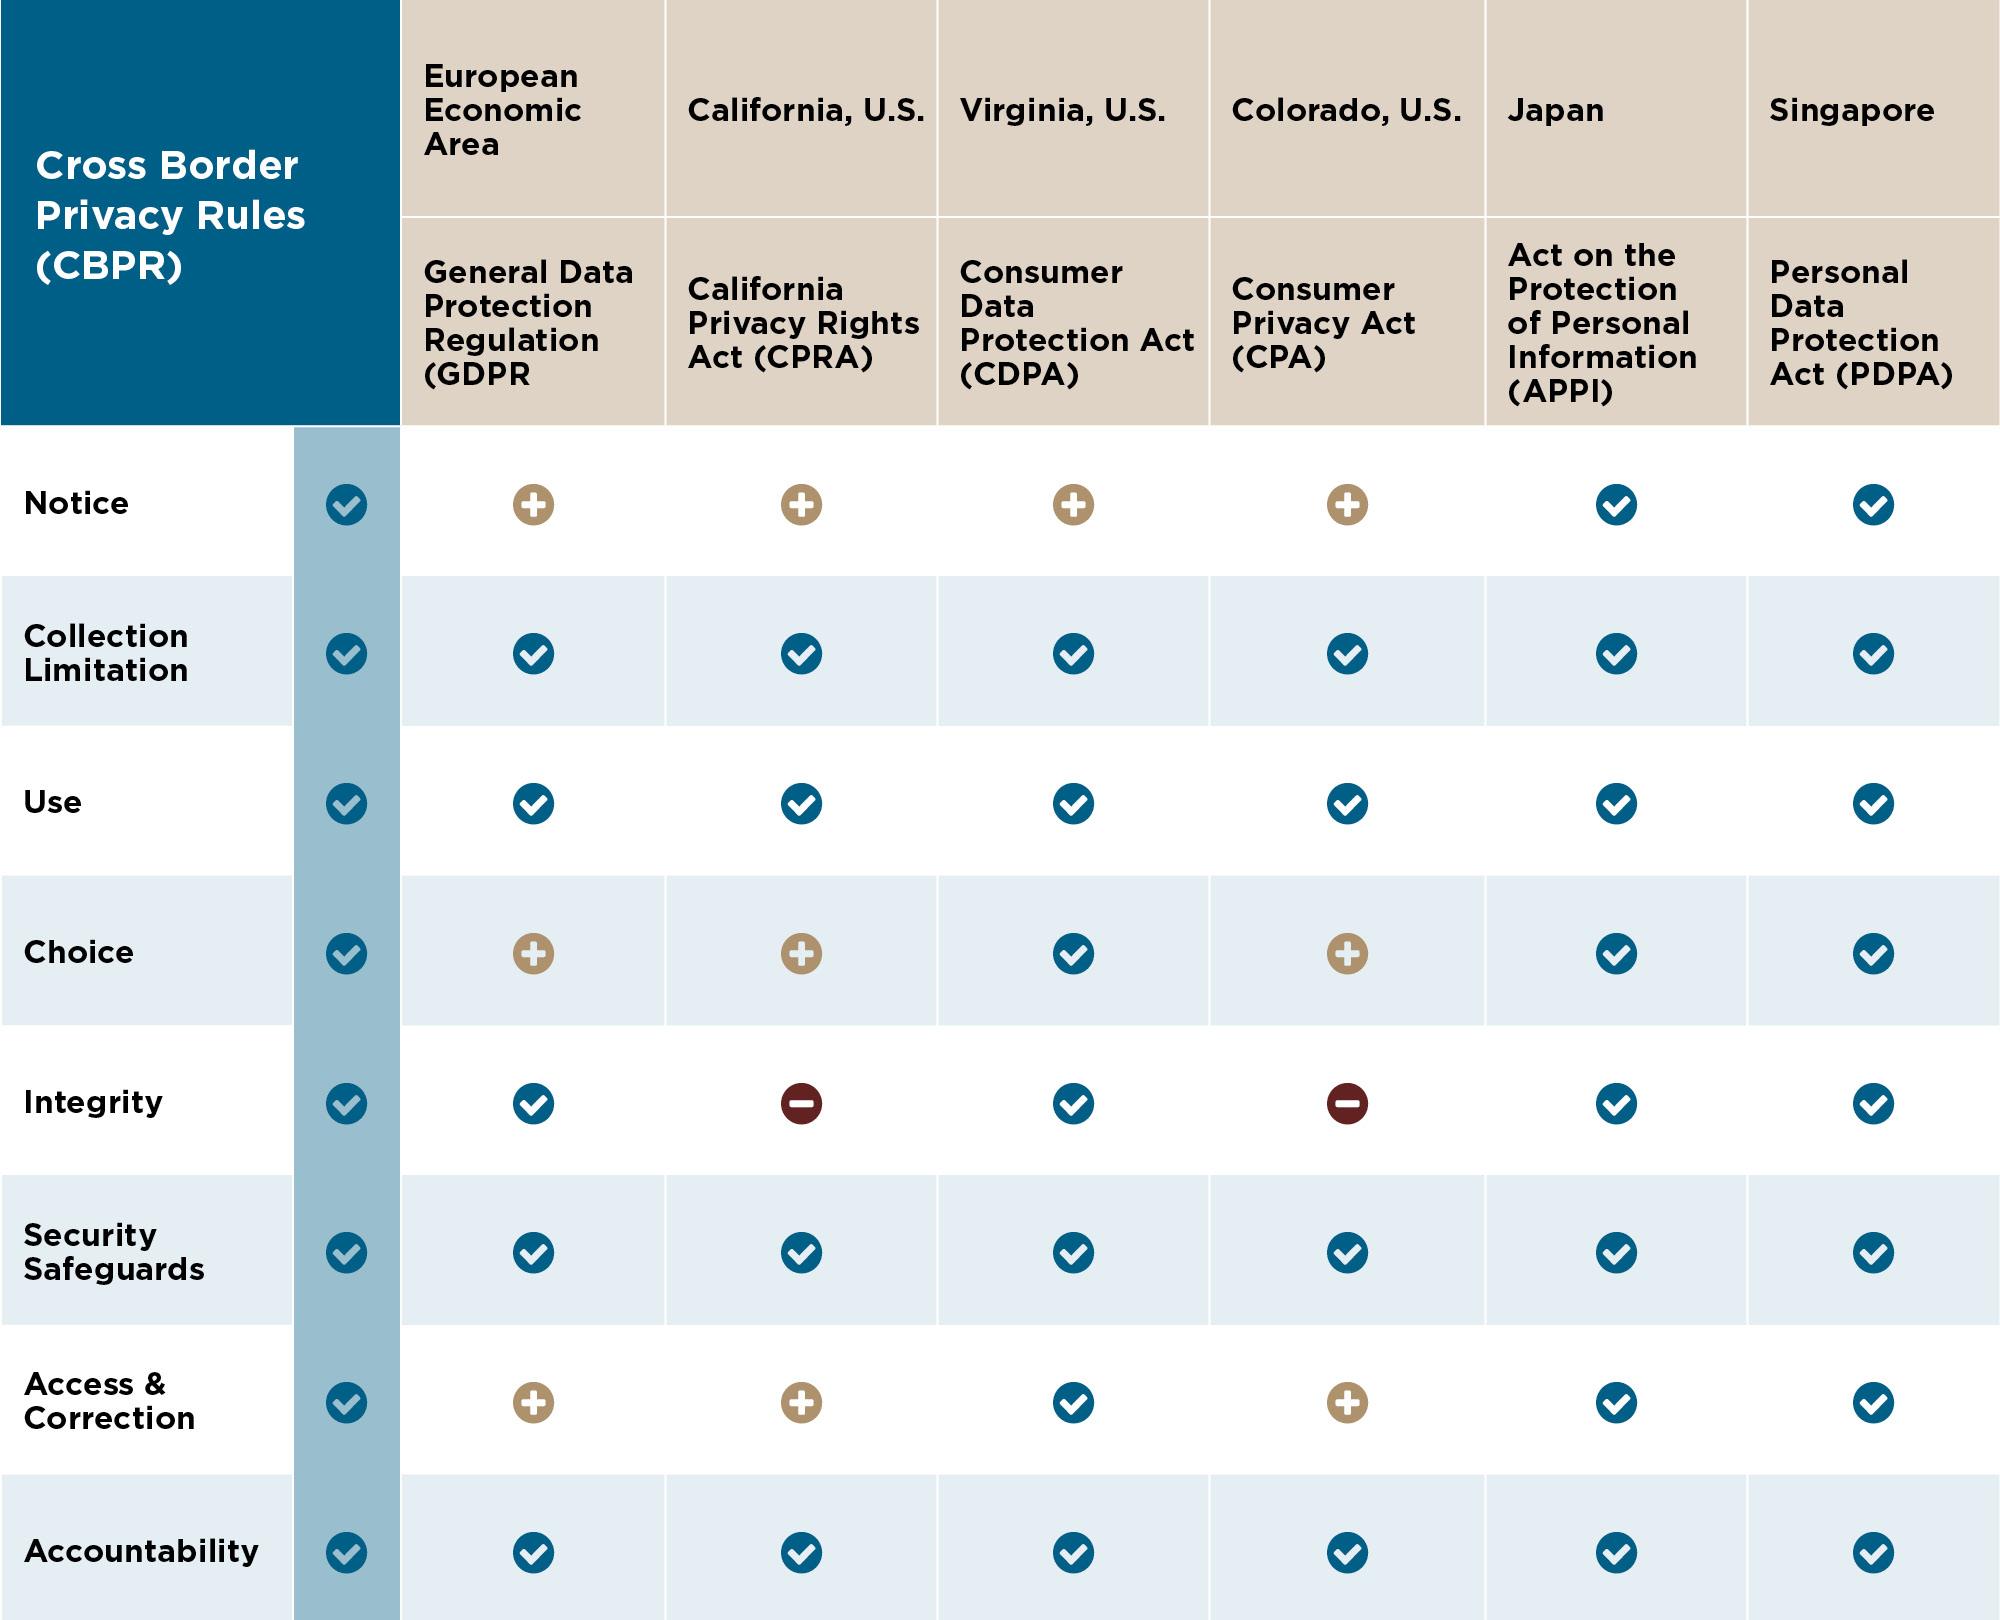 Cross Border Privacy Rules Matrix